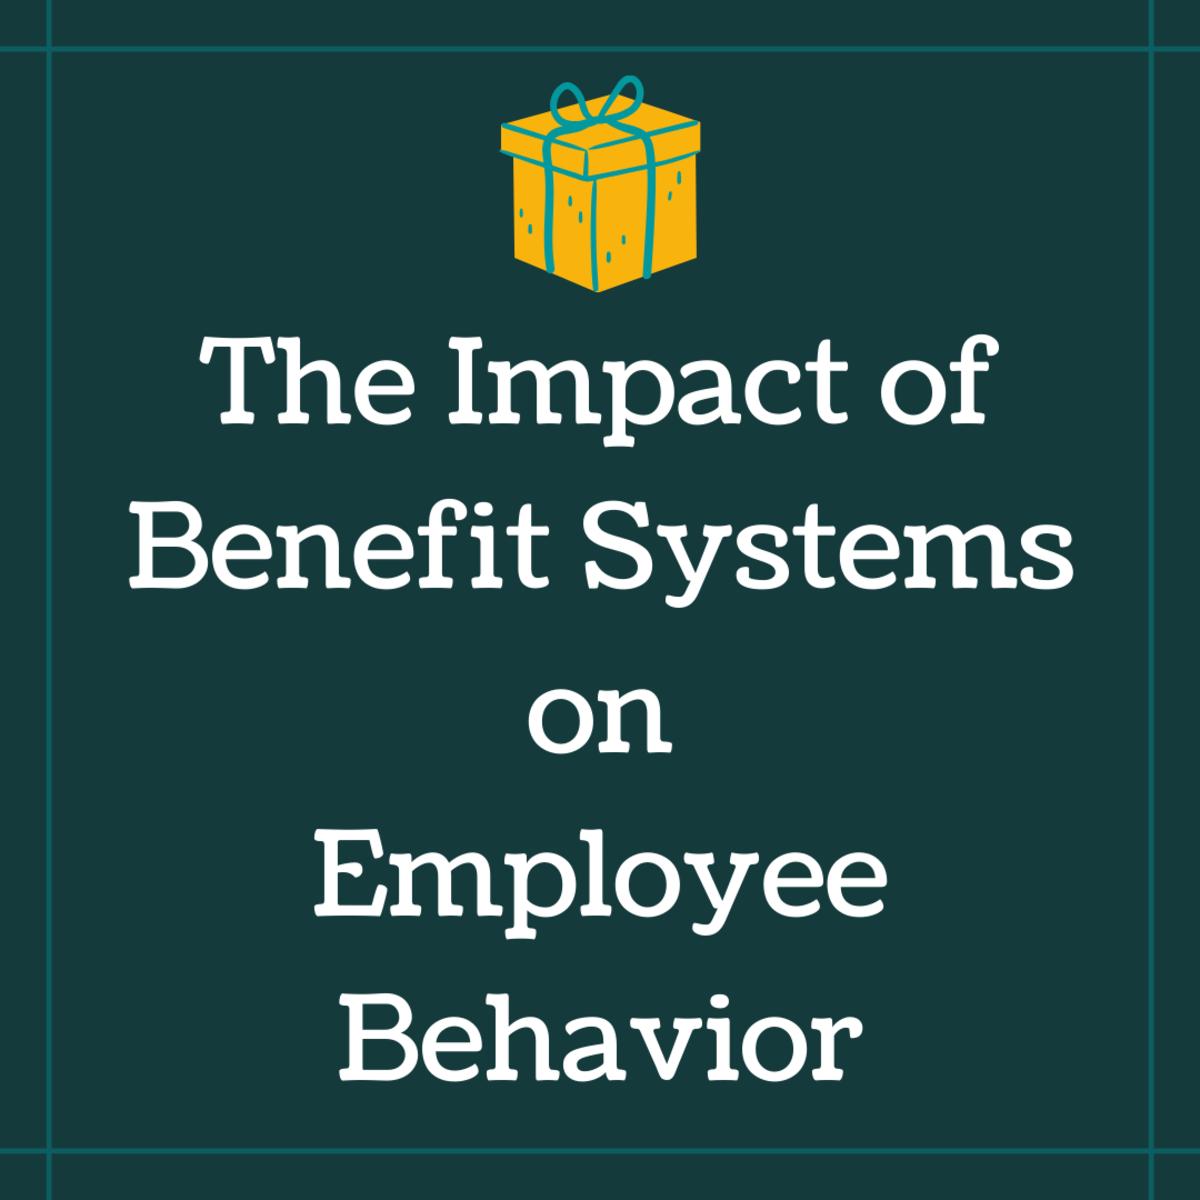 了解更多在工作场所使用的福利系统类型,以及它们如何影响员工的行为和动机。